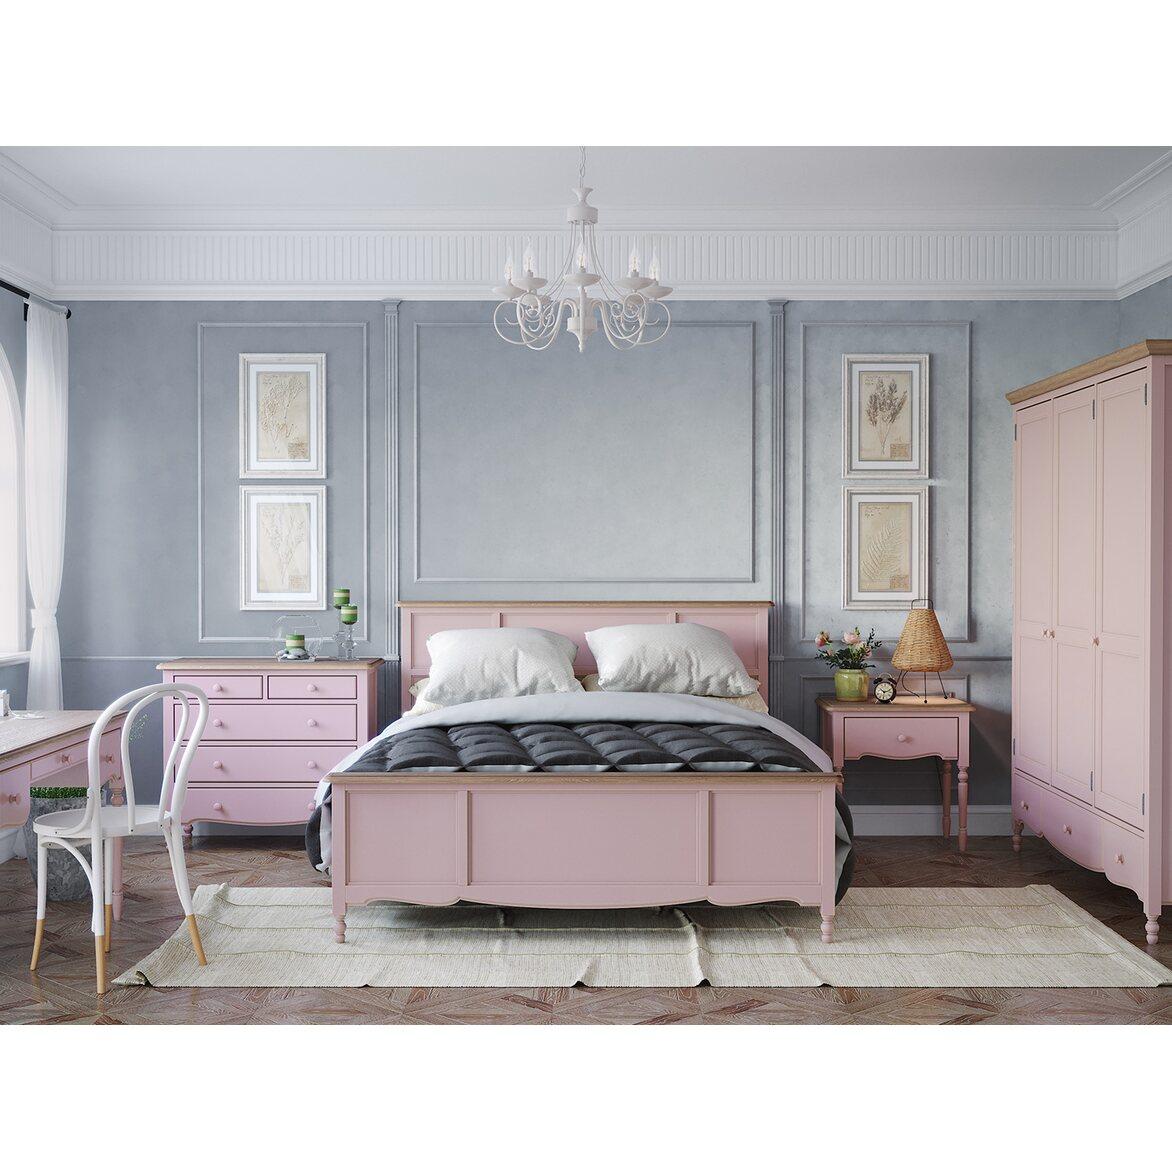 Кровать Leblanc лаванда, с изножьем 3 | Двуспальные кровати Kingsby